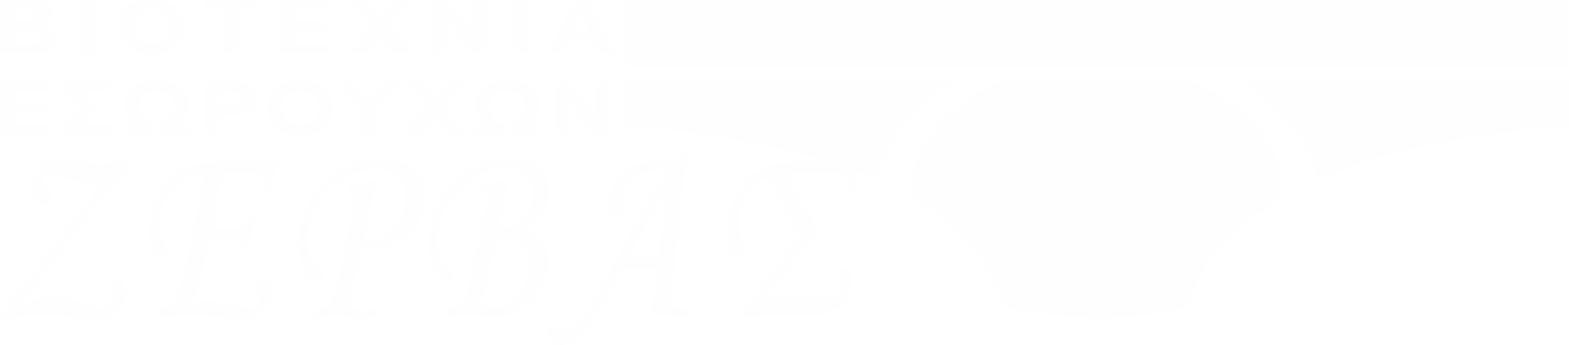 Εσώρουχα Ζερβας